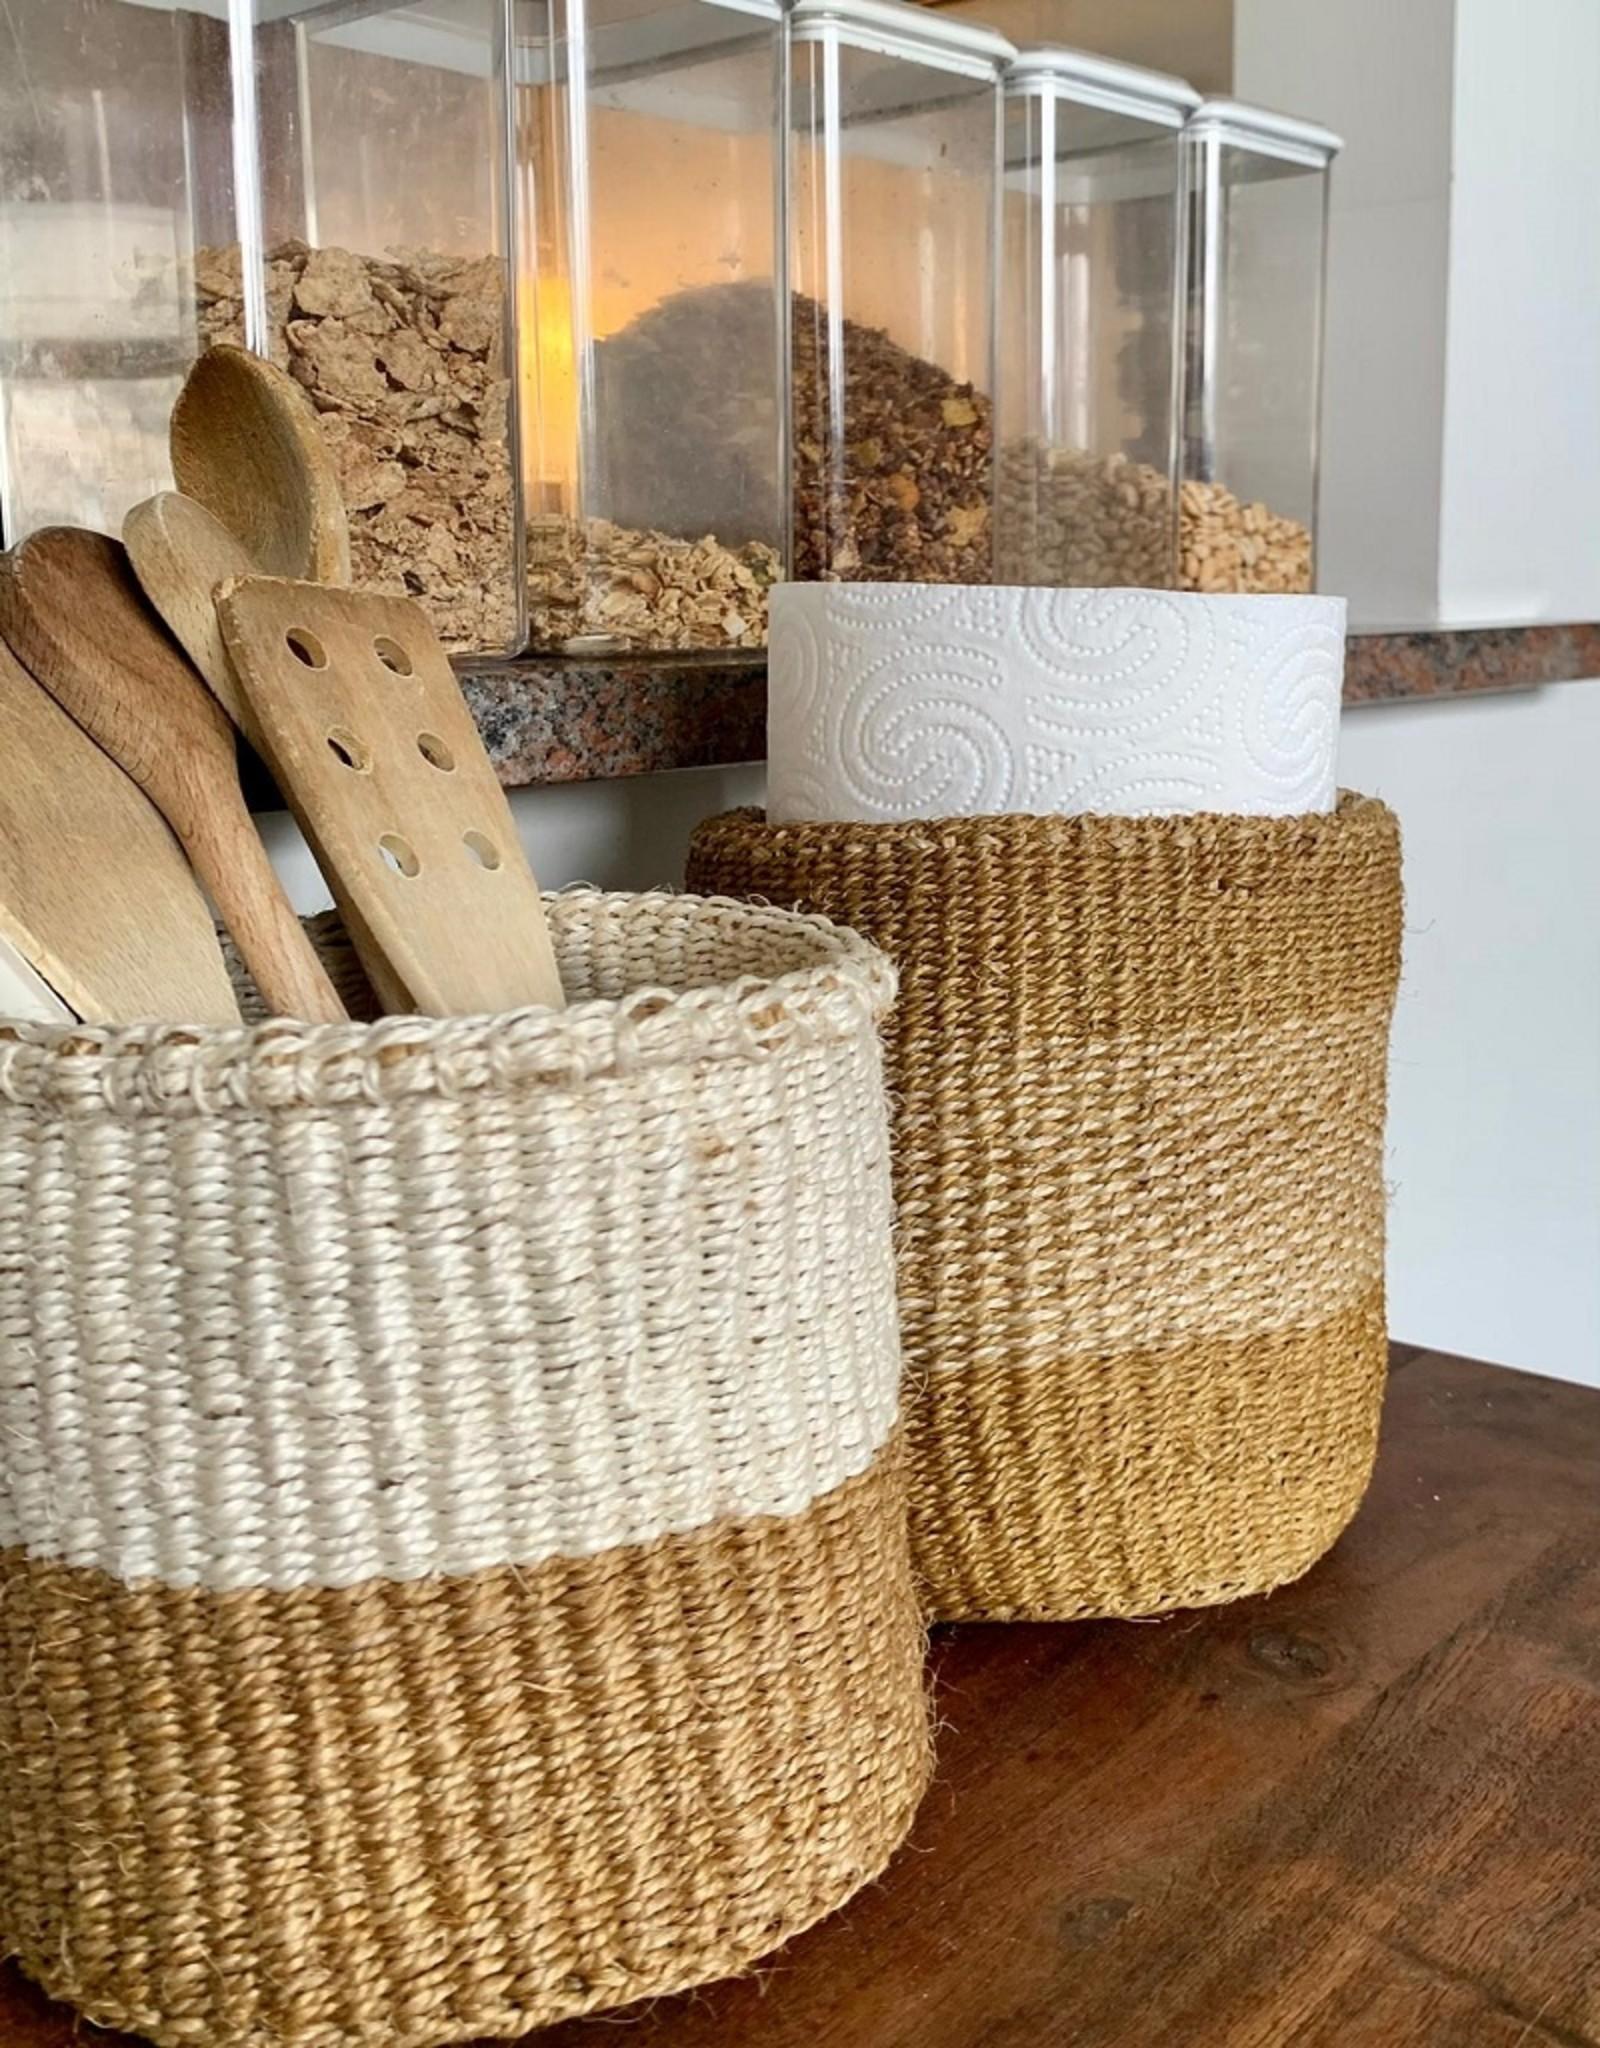 Maisha.Style Taita basket - ochre & ivory - S11